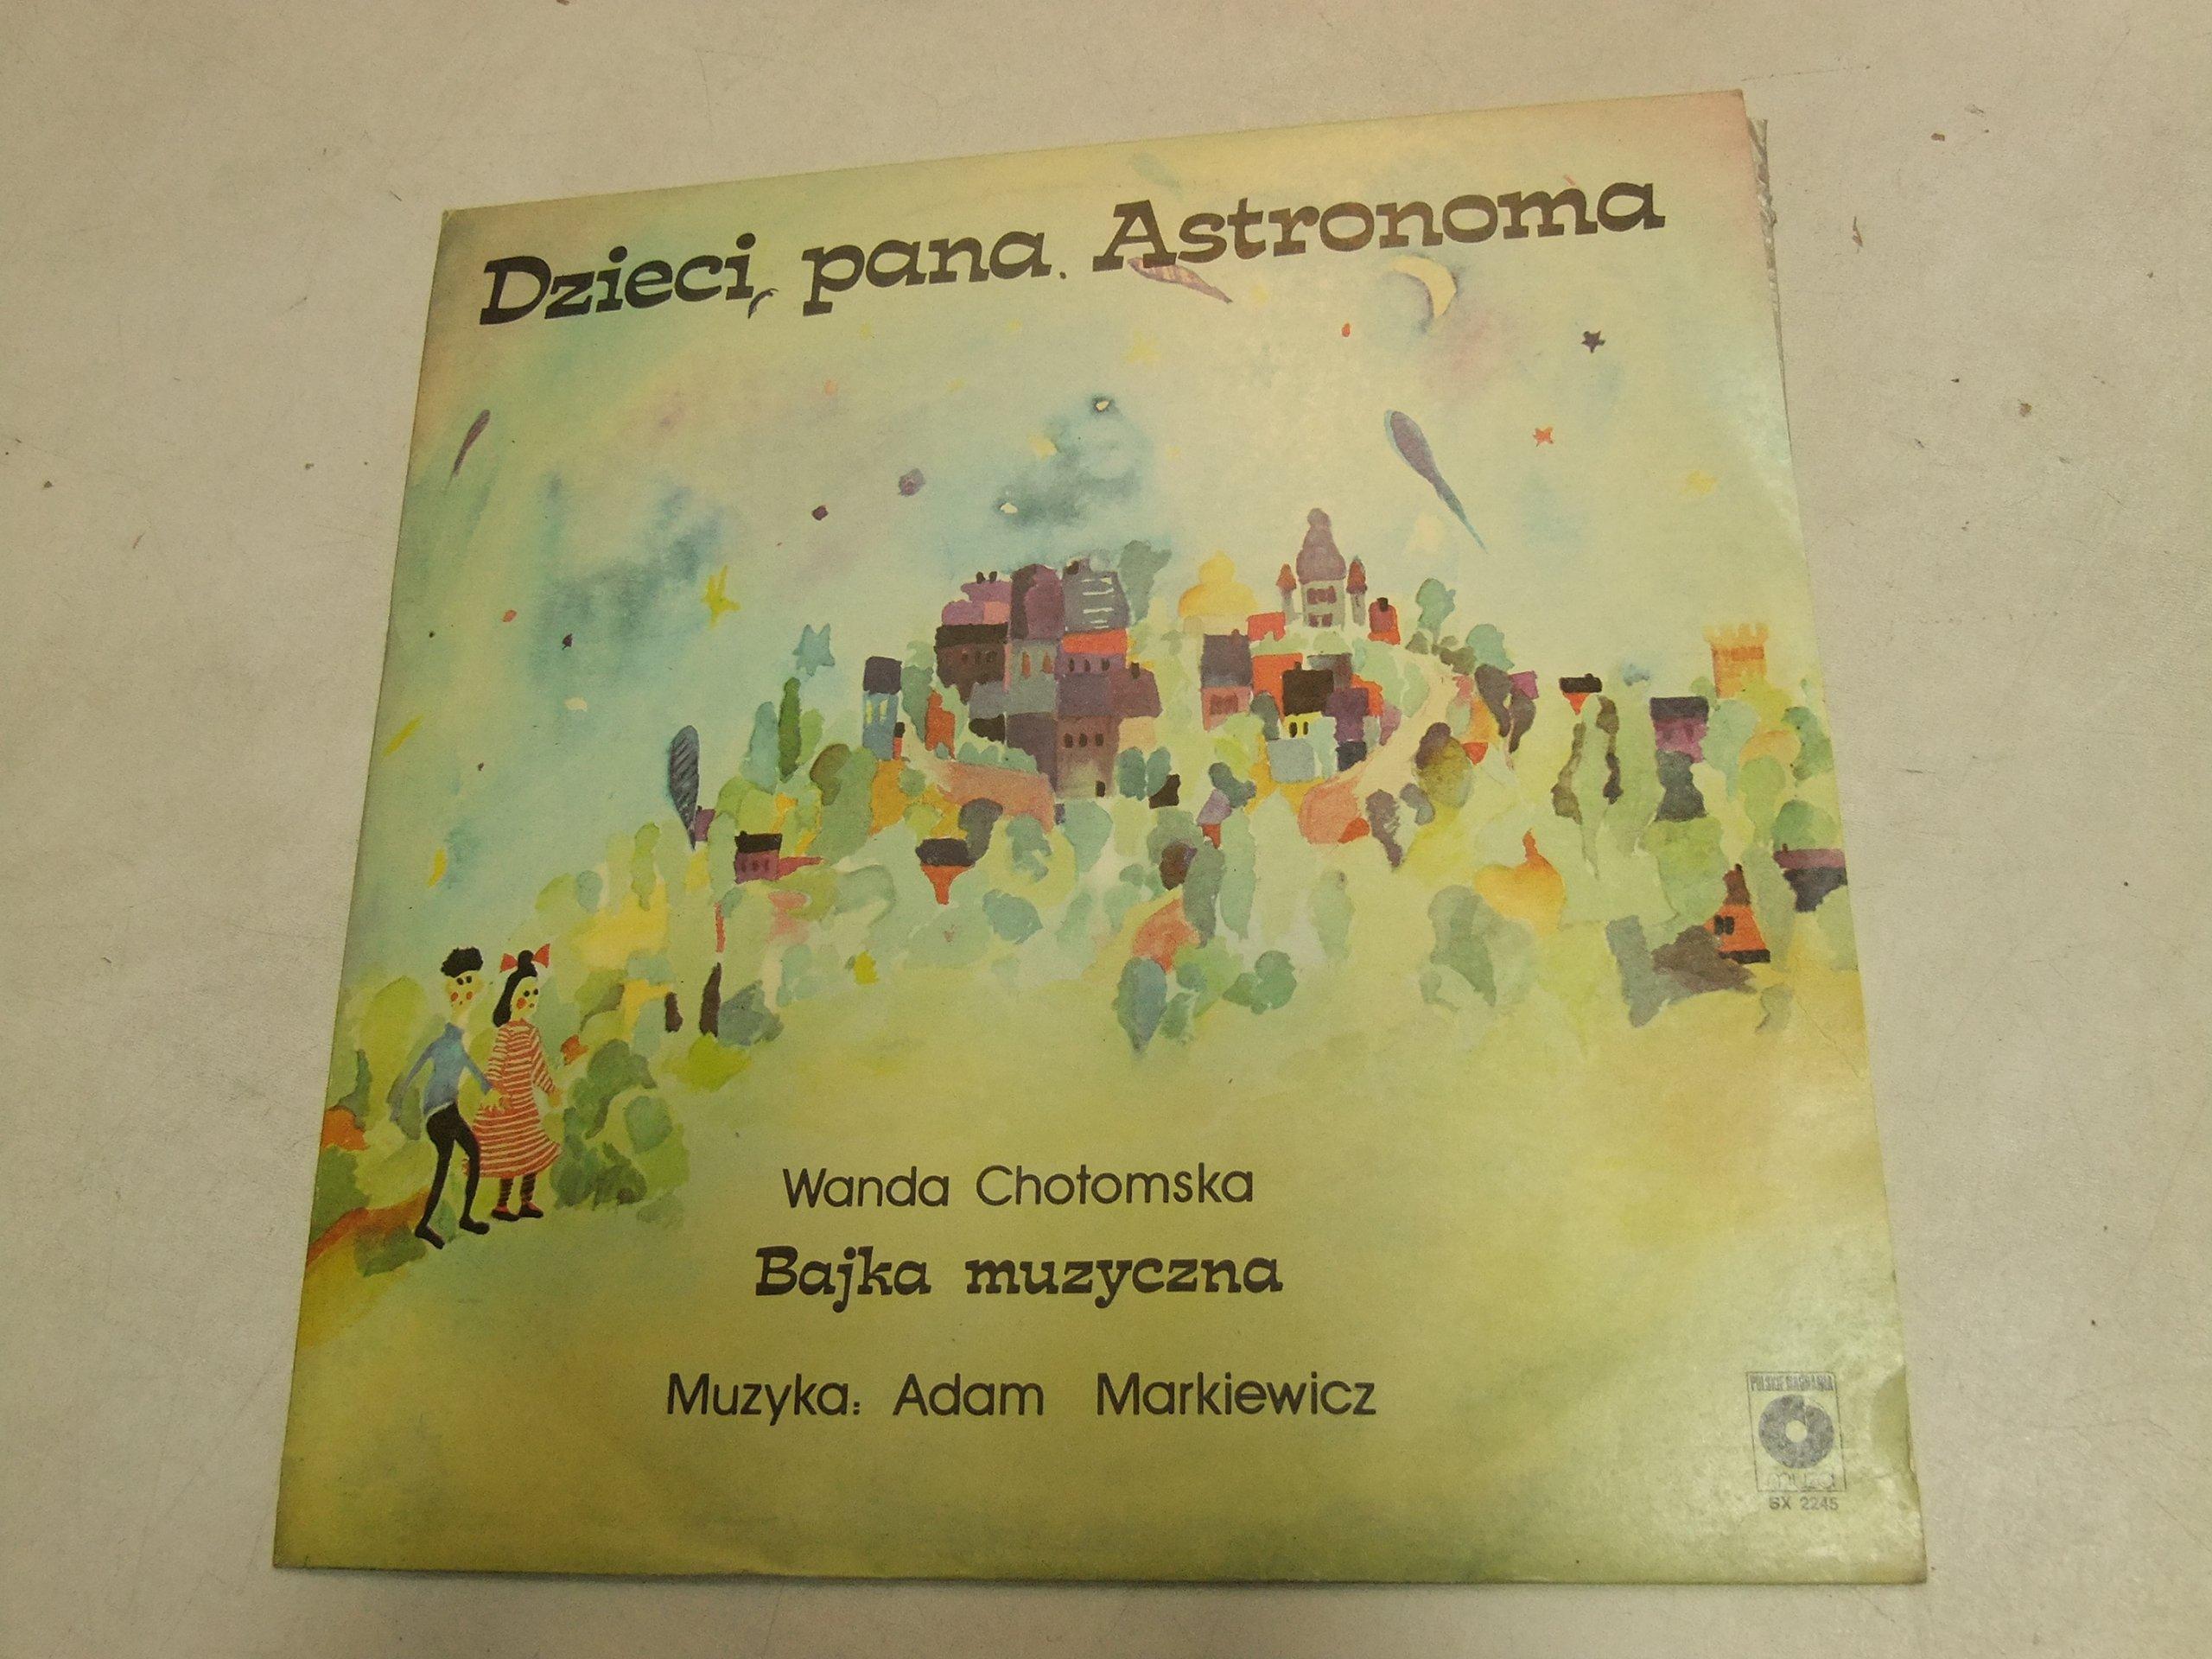 Lp Wanda Chotomska Dzieci Pana Astronoma H3 7037098207